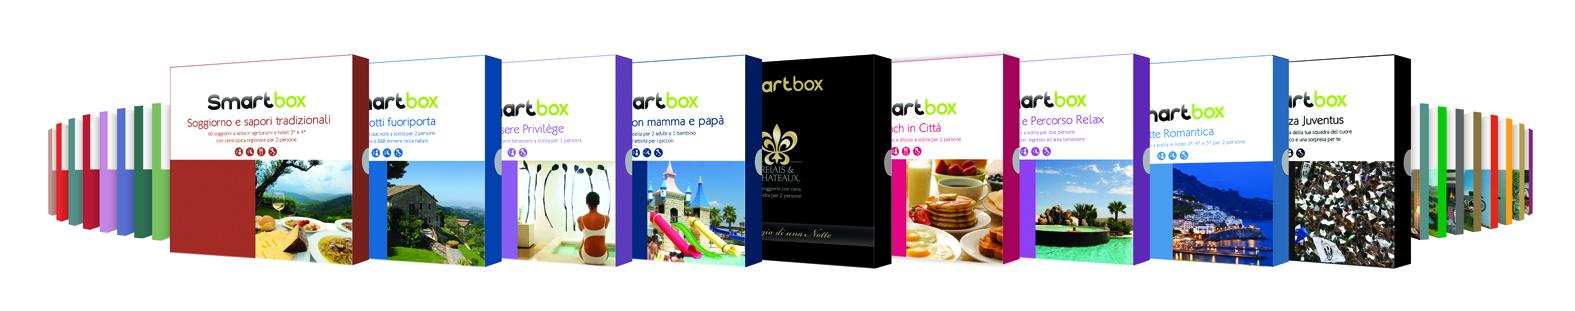 Smartbox 9 nuovi cofanetti regalo « FreeMilano Press News Italia